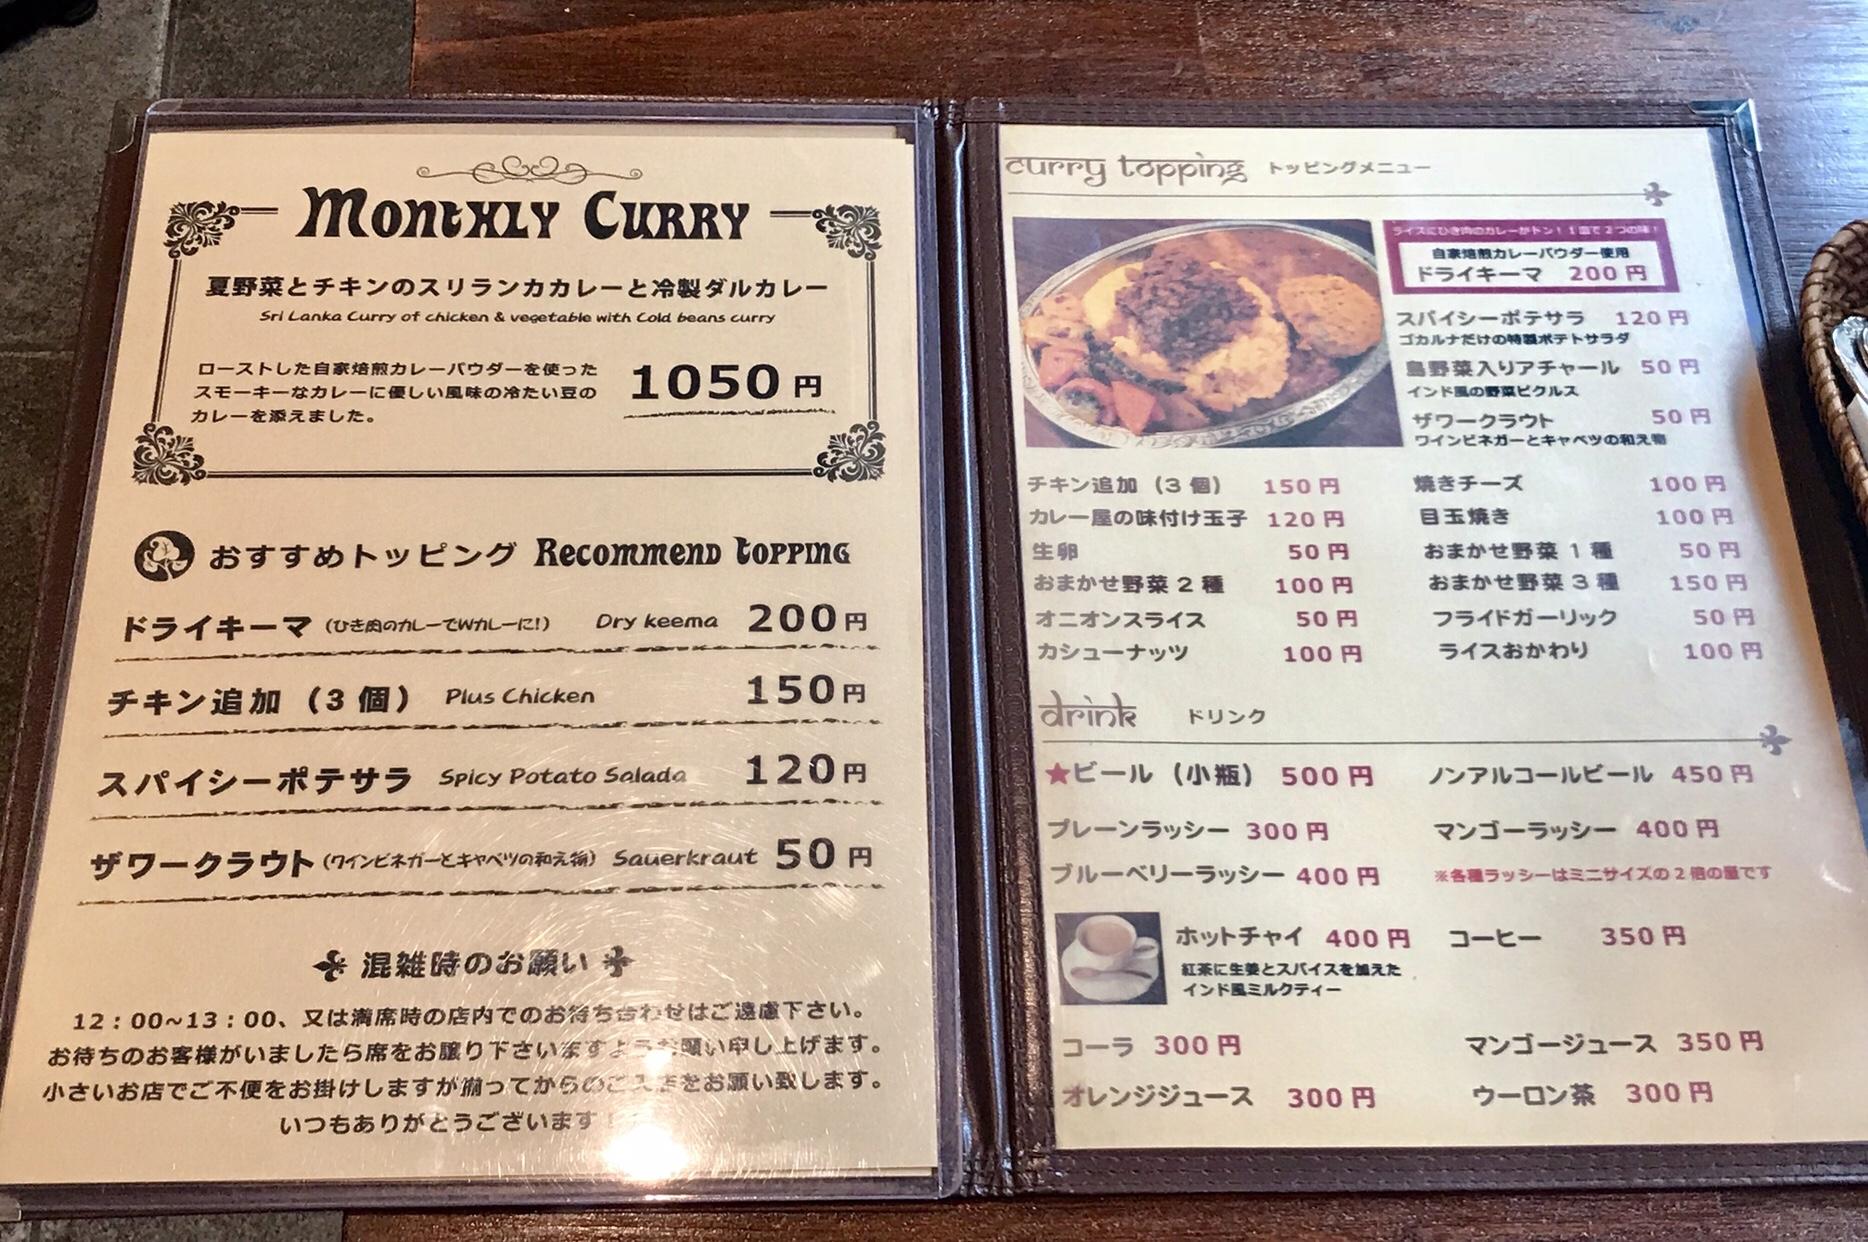 沖縄・那覇のインド料理 ゴカルナ メニュー